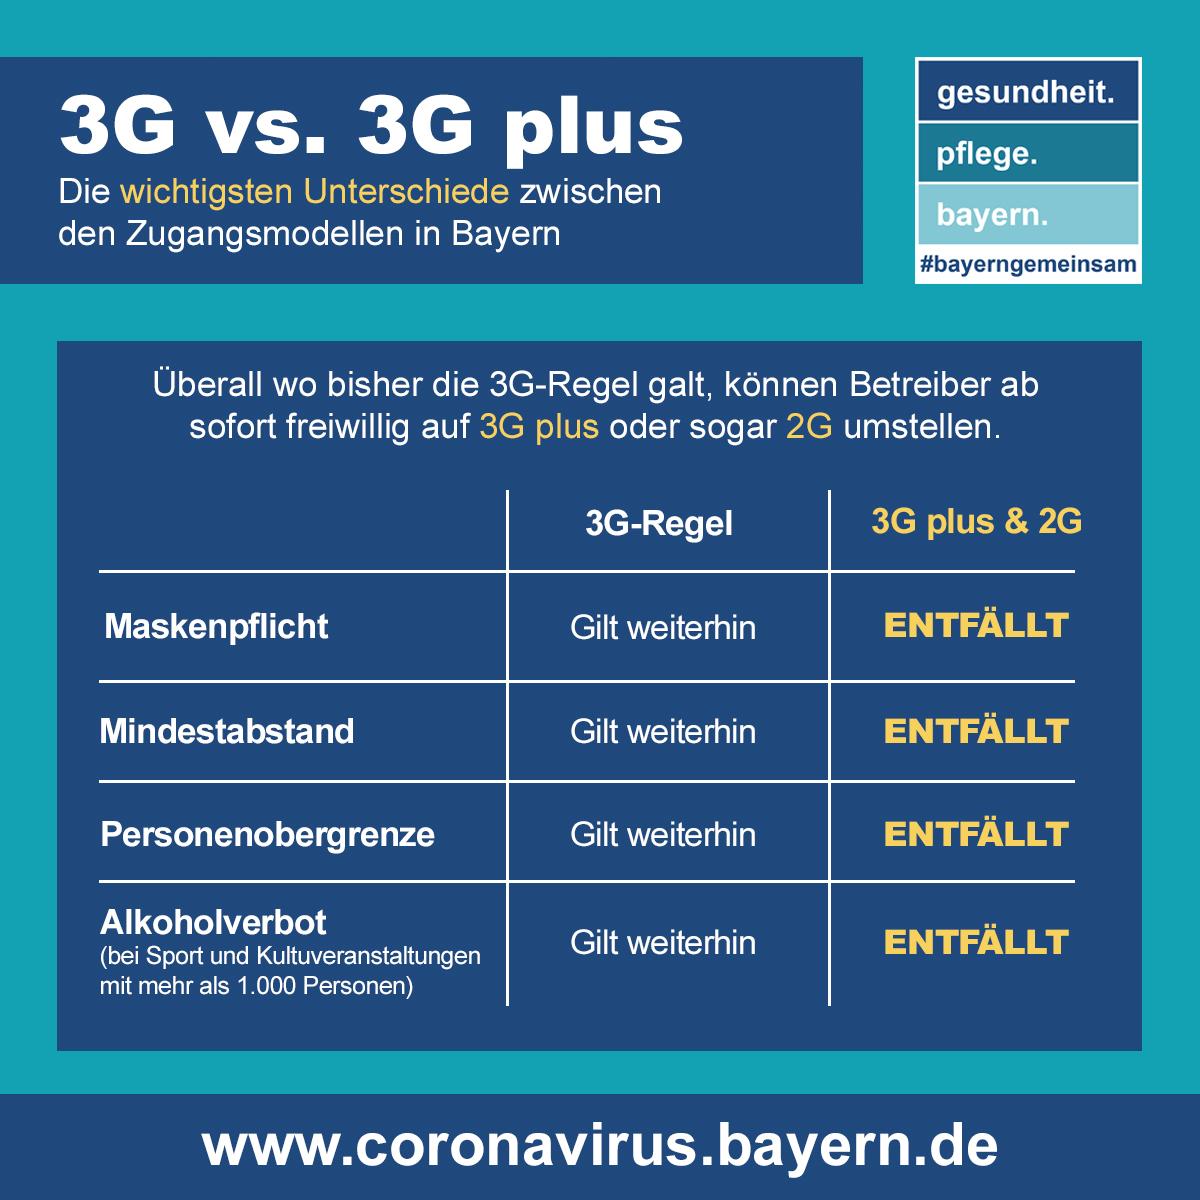 Regelungen für 3G vs. 3G plus